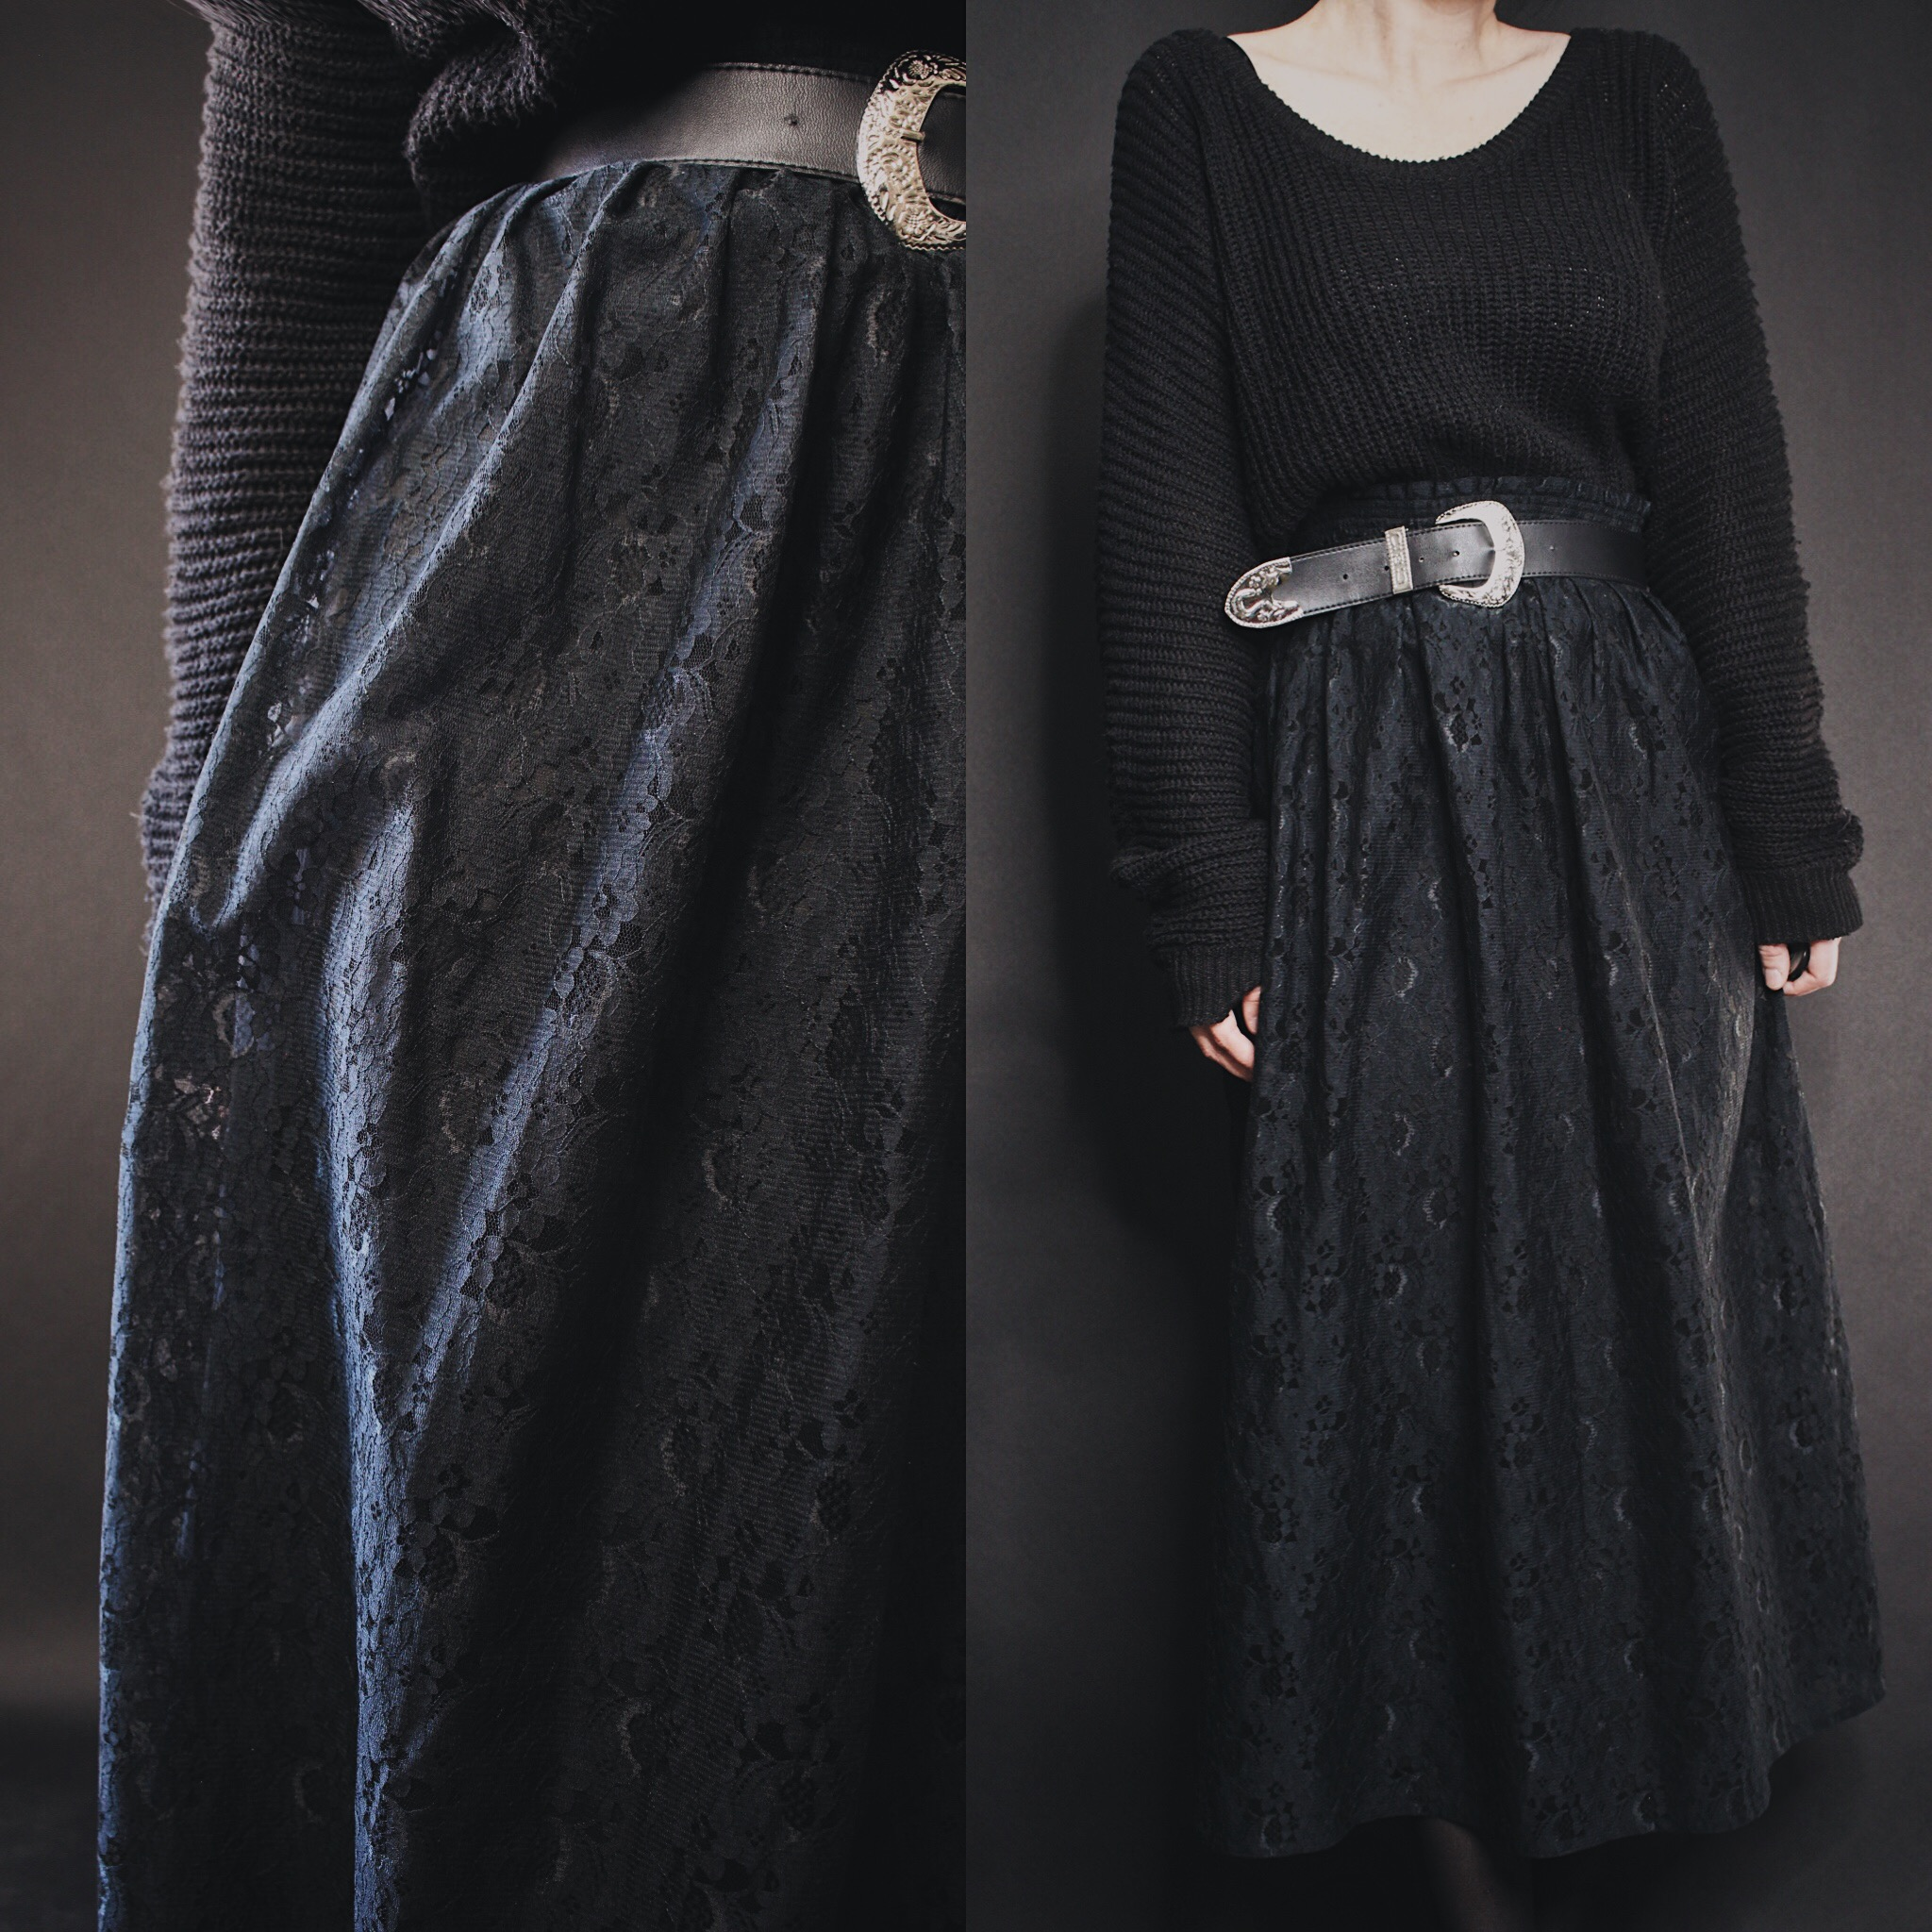 c82639d6e07e9 RESERVED FOR CHRISTINE - Vintage 90s Plus Size Black Lace Midi Skirt -  Thumbnail 1